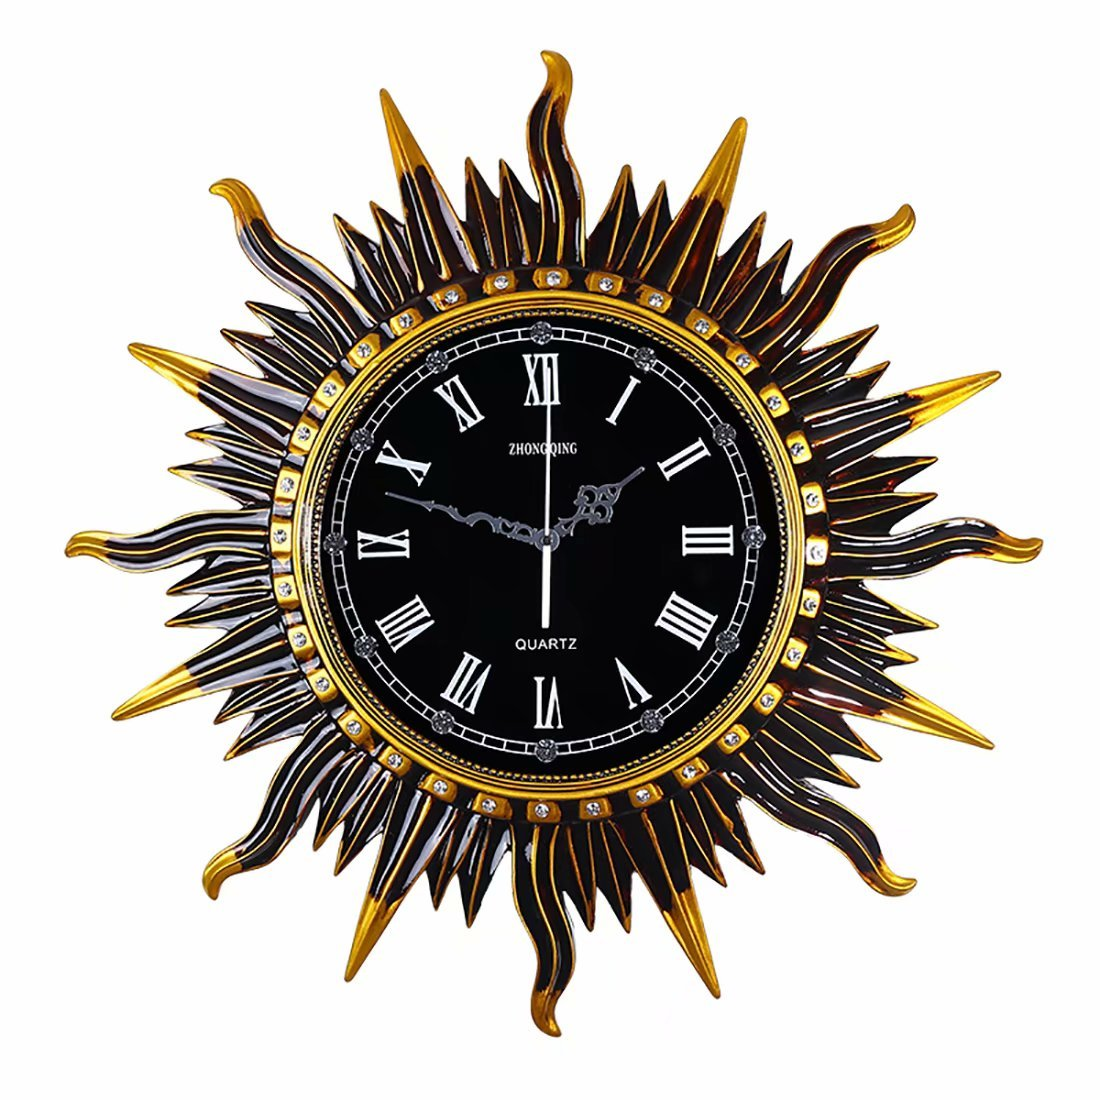 ヨーロッパの創造的な時計のリビングルームダイニングルームの壁ミュートアートクロックアメリカのレトロクォーツ時計装飾的な壁時計 B07F2B624K